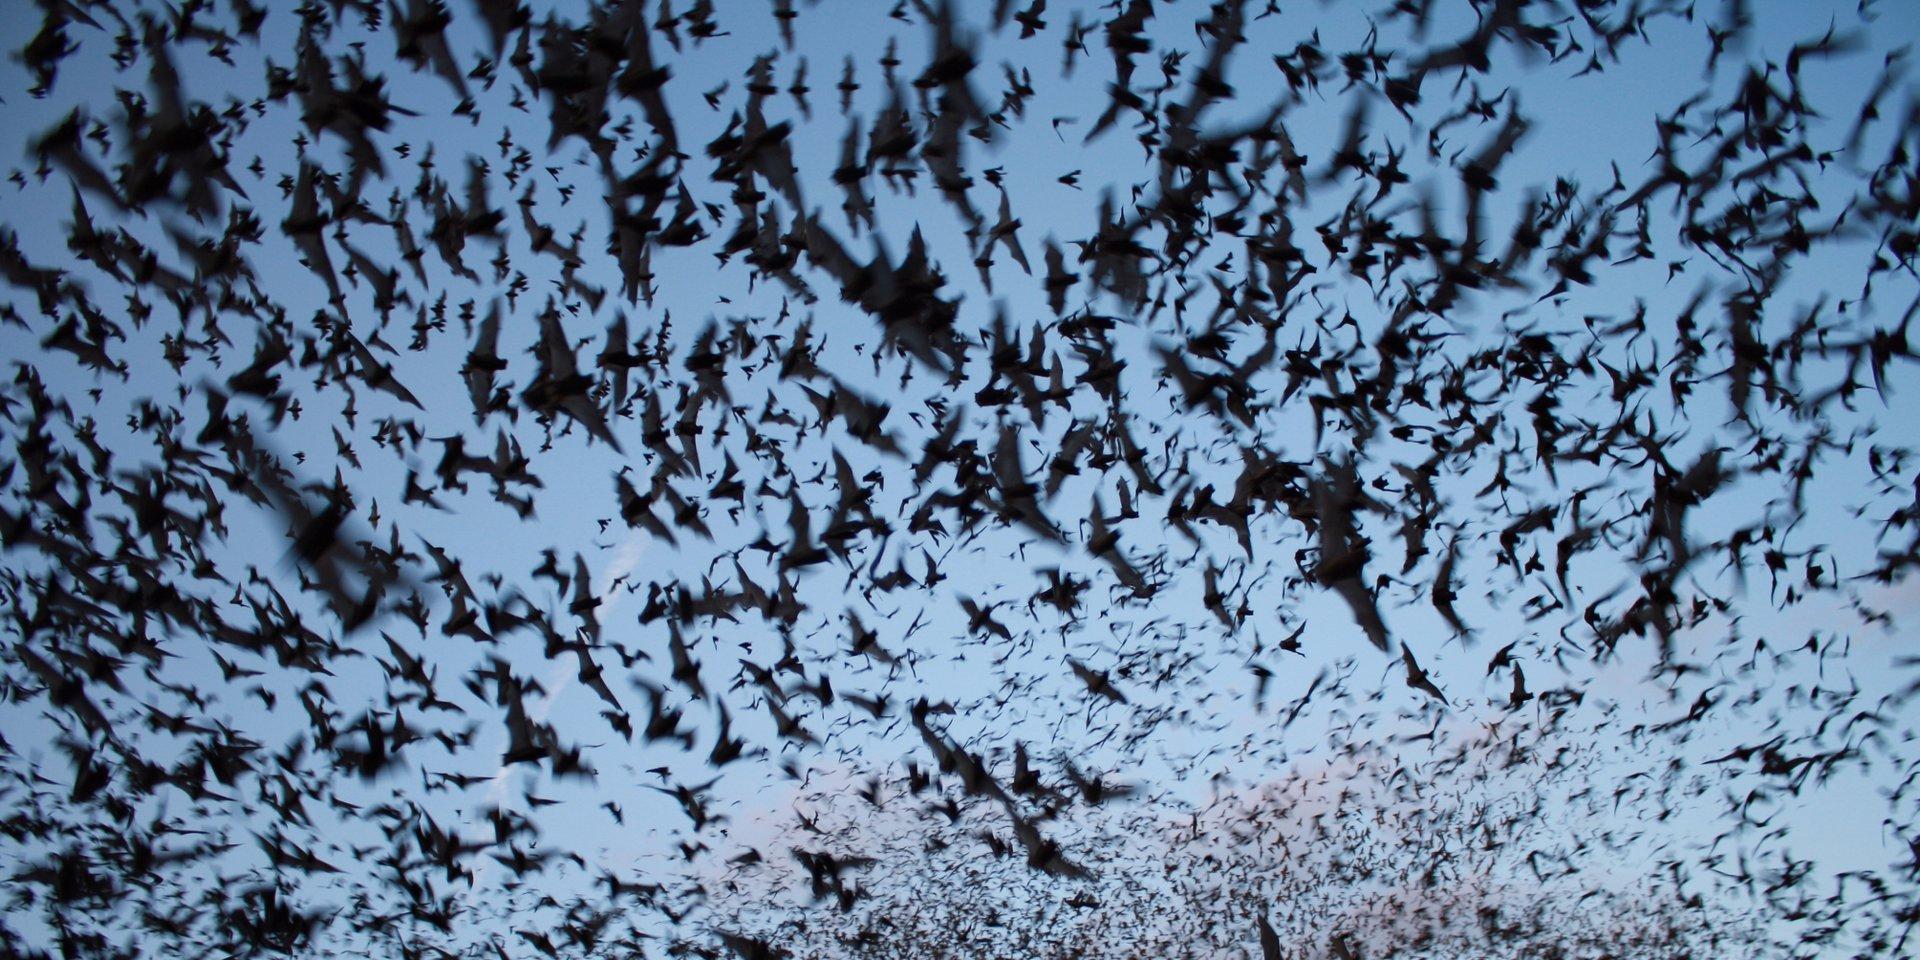 Кровавый поцелуй: вазорелаксационные свойства слюны летучих мышей-вампиров - 1